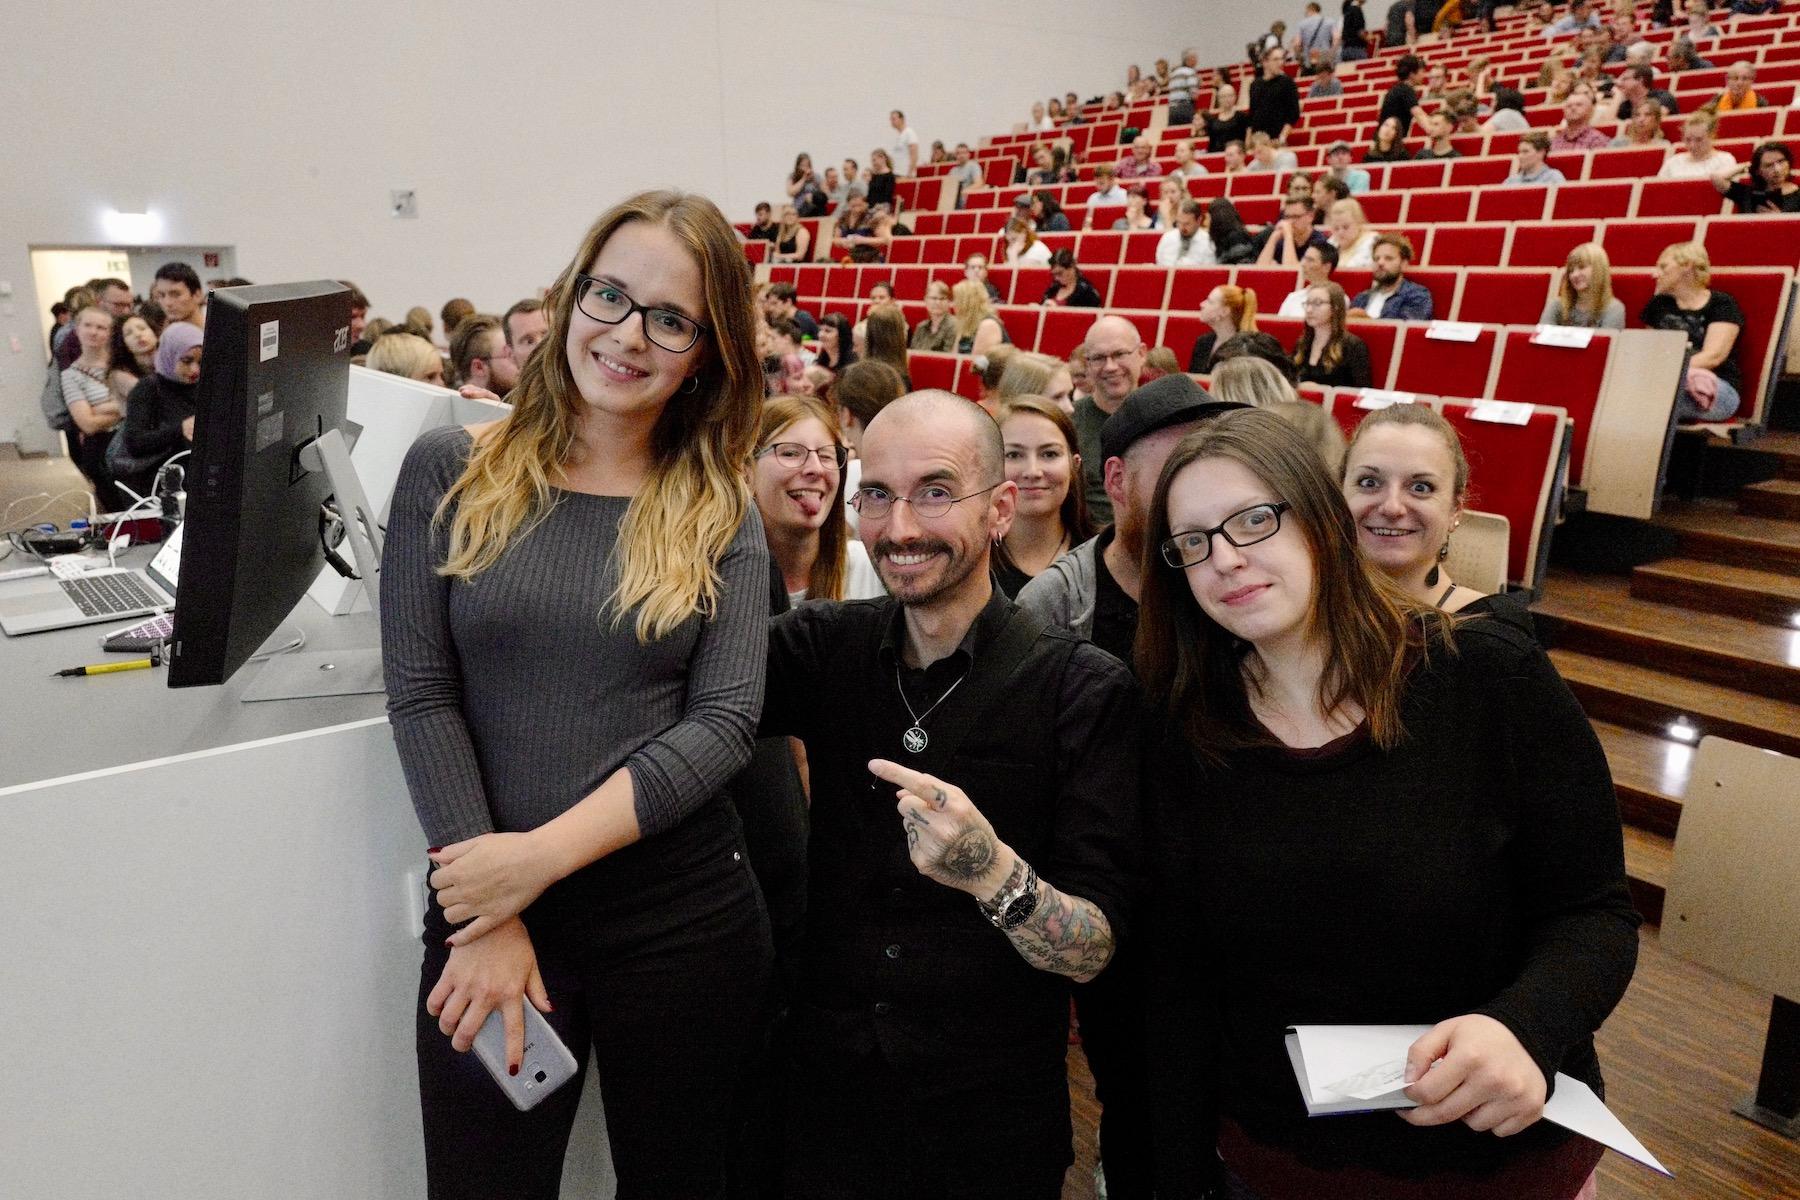 mark_benecke_universitaet_leipzig_fotos_semester_abschluss_vorlesung - 17.jpg